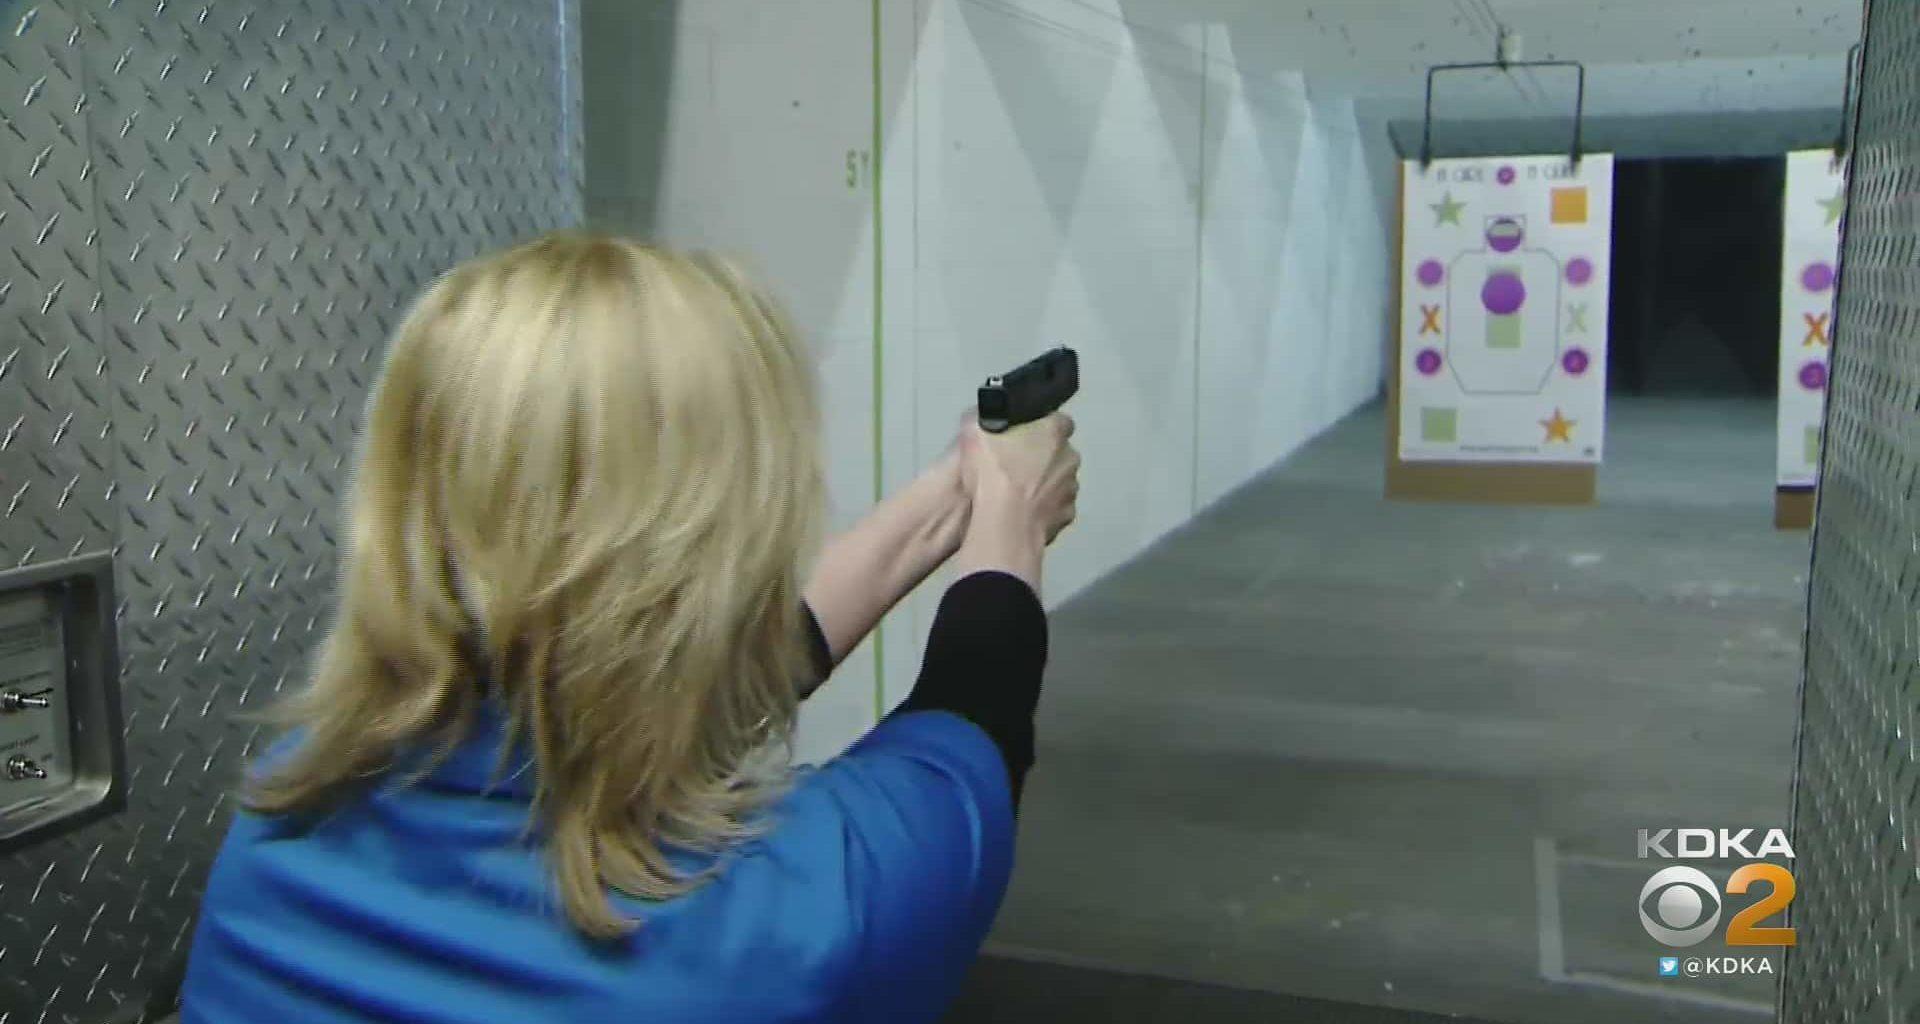 Alabama Shooting Range Posts Pic Of Baby Holding Gun, Because 'Safety' (VIDEO)